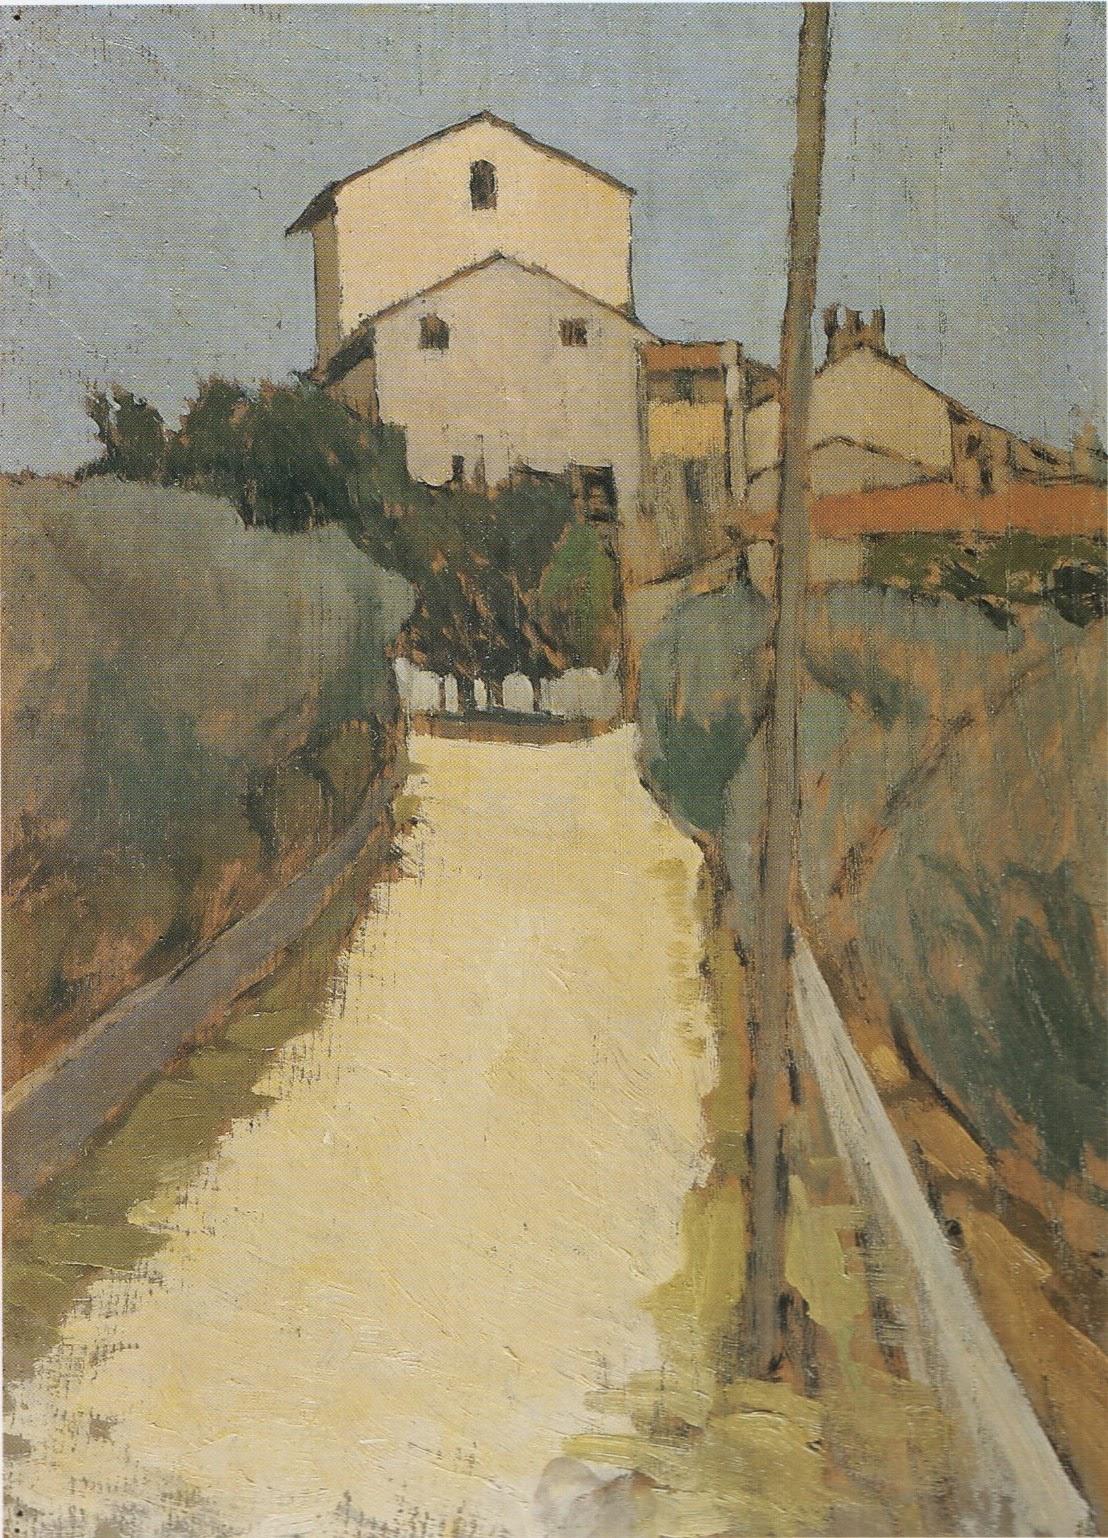 Oscar Ghiglia, View of Villa d'Ancona a Volognano, oil on panel, 39 x 28.5 inche